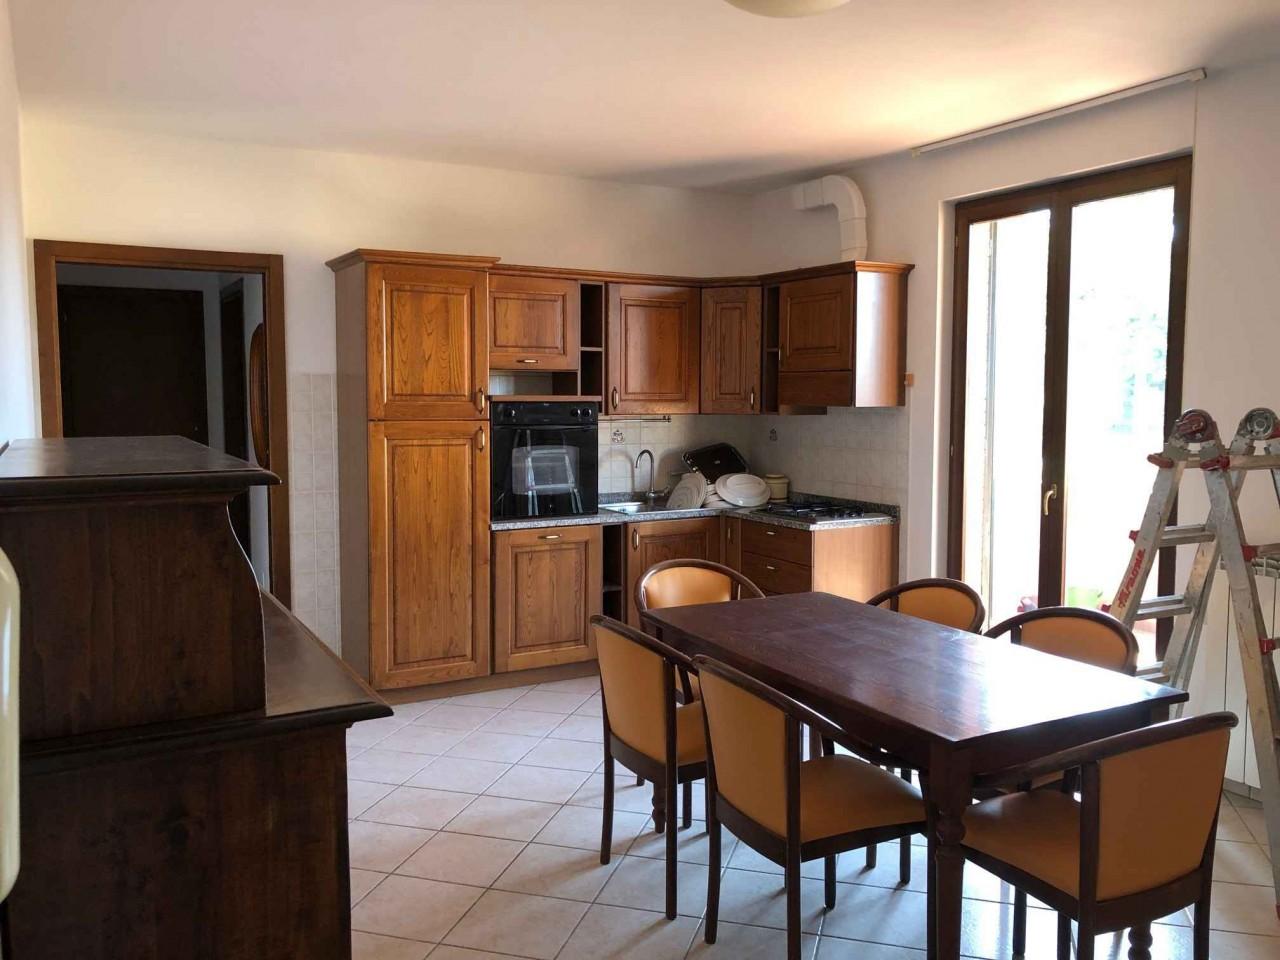 Appartamento in vendita a Monteriggioni, 4 locali, prezzo € 190.000 | PortaleAgenzieImmobiliari.it